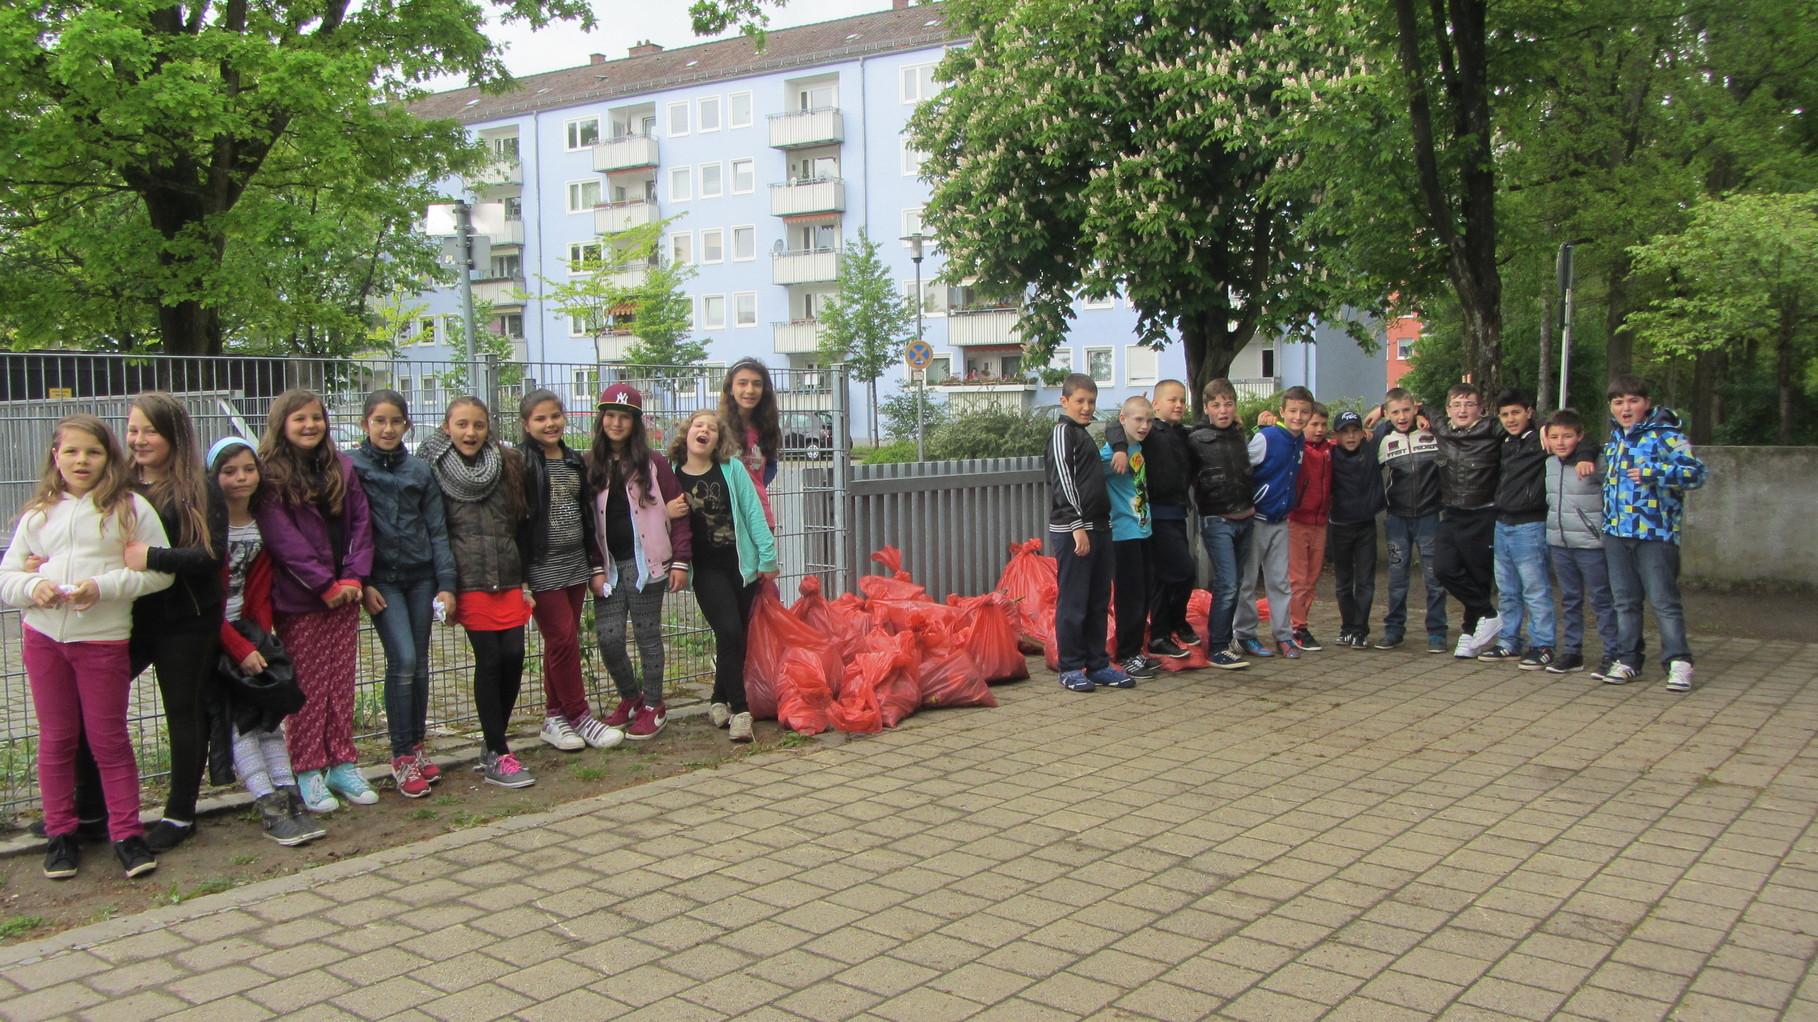 Das Ergebnis: Fast 100 gute gefüllte Müllsäcke wurden von den Schülern abgeliefert.